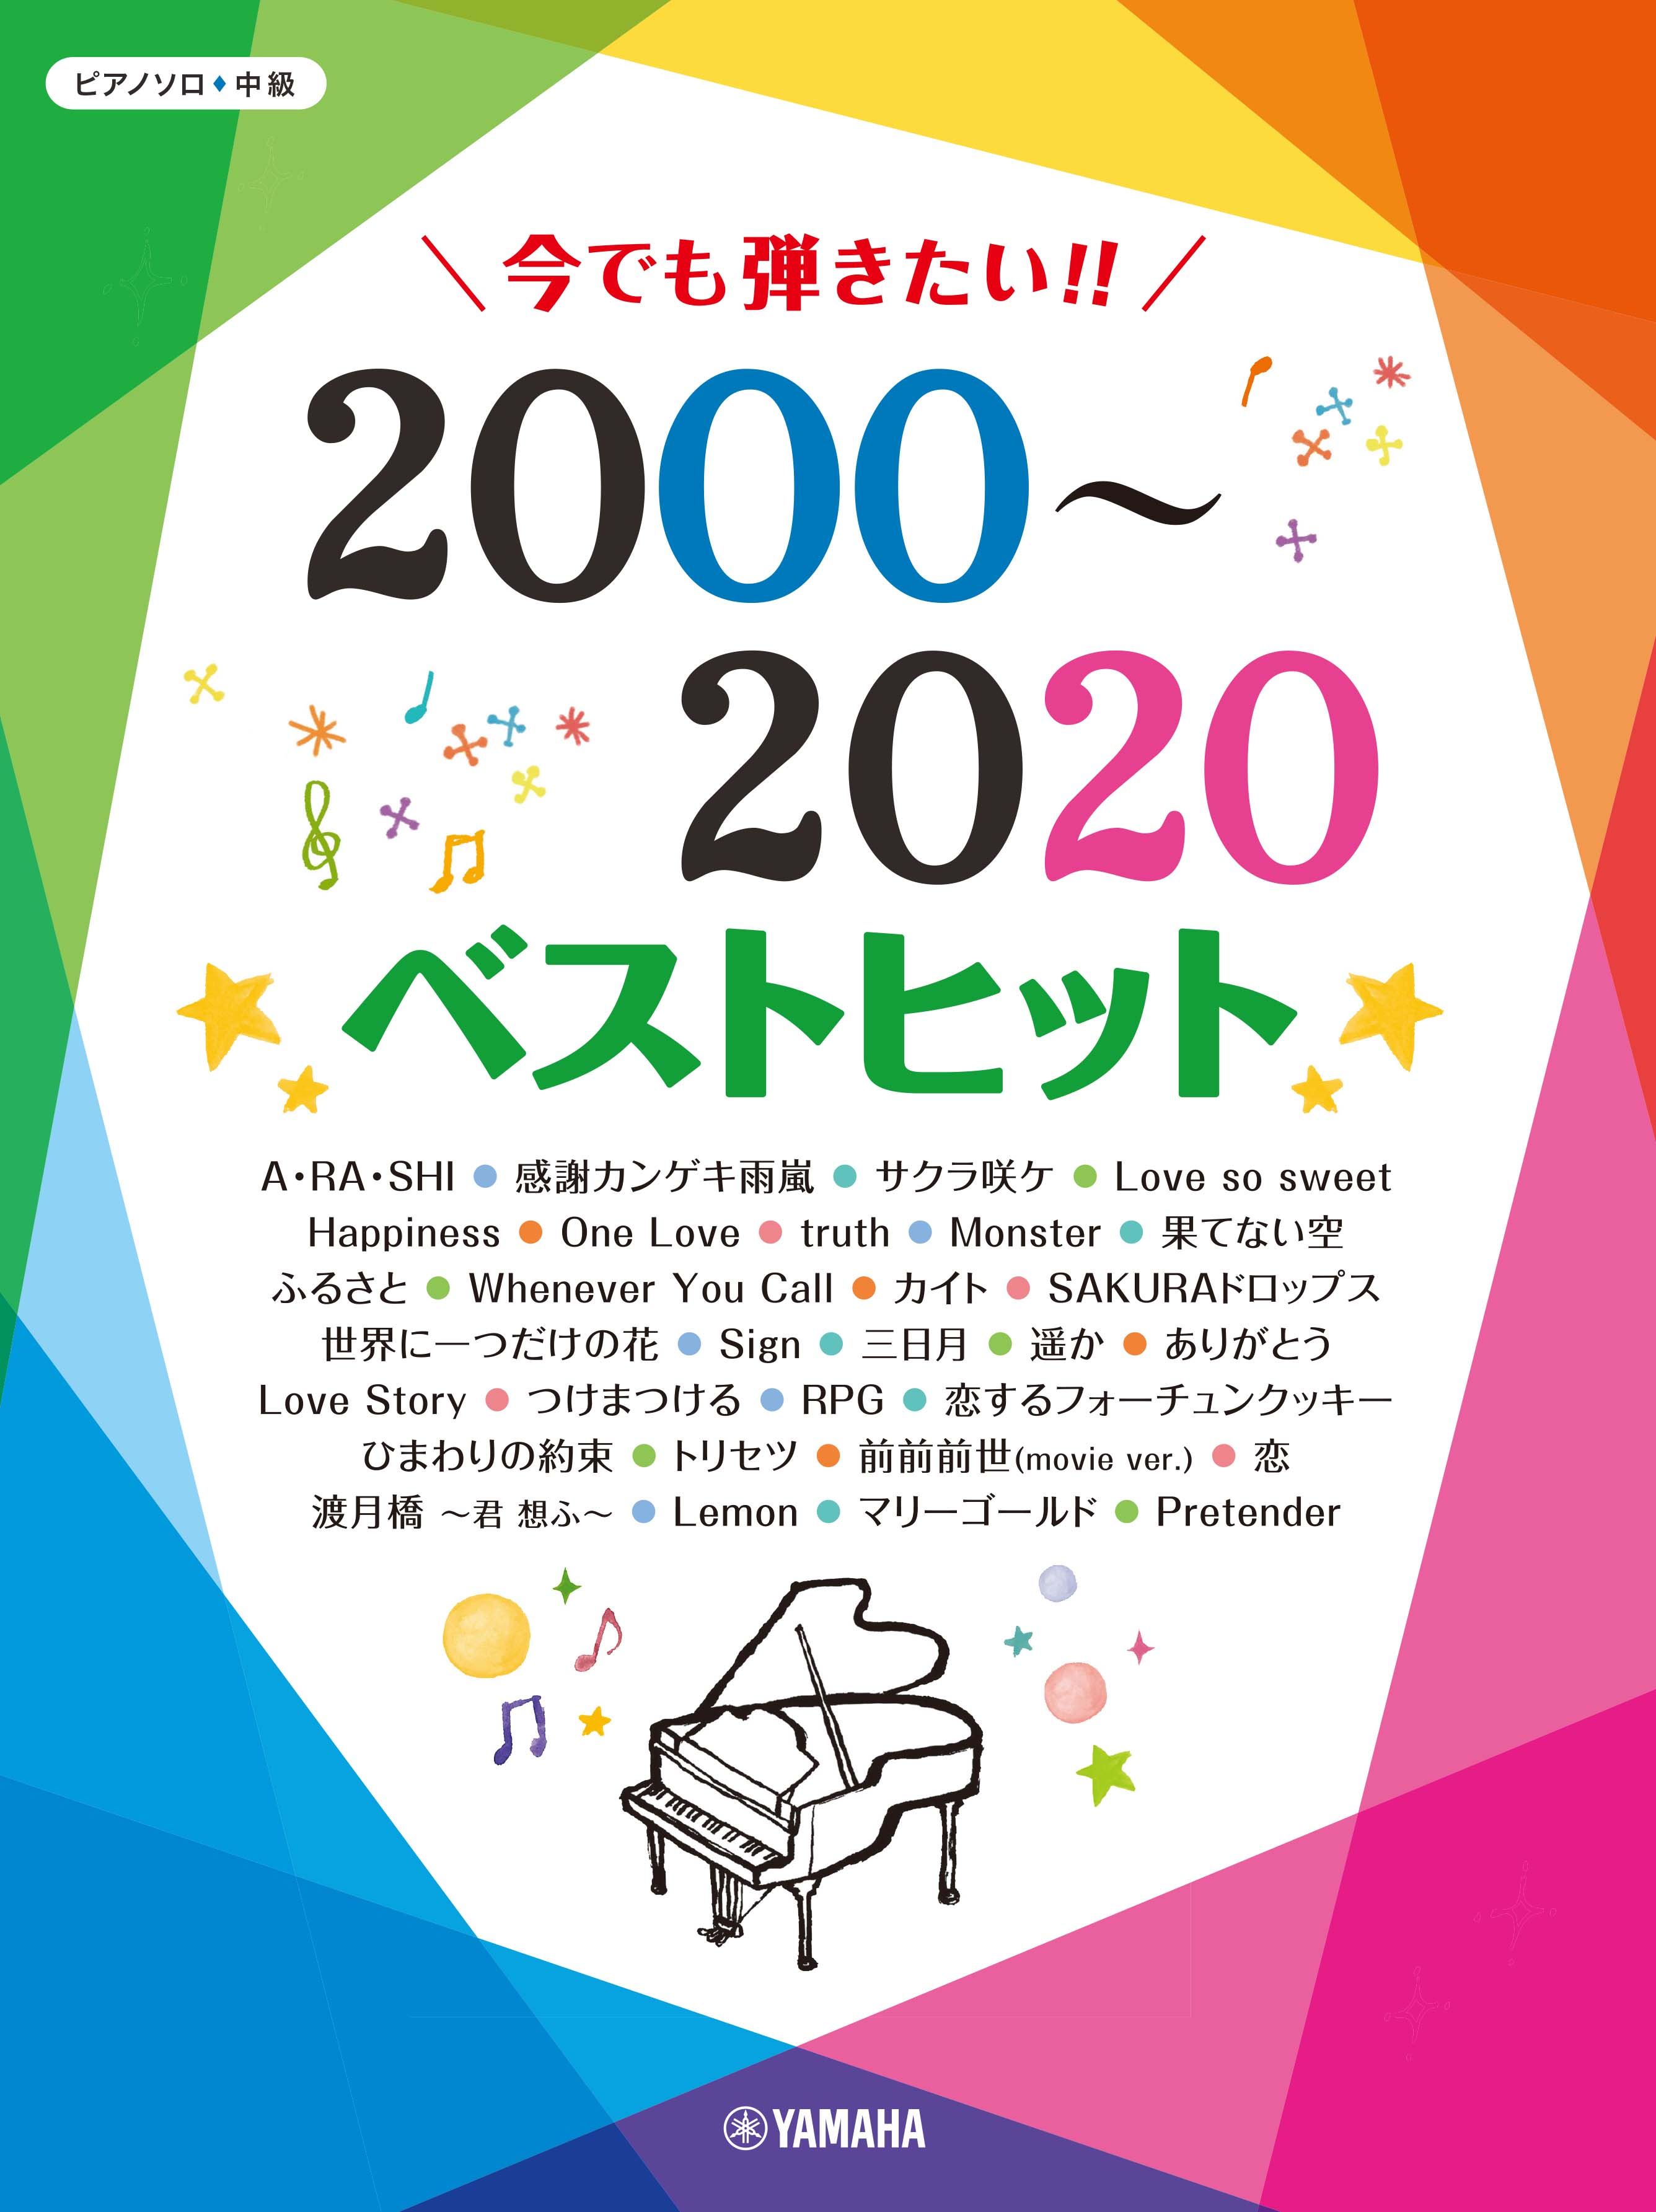 ソング 2020 ヒット